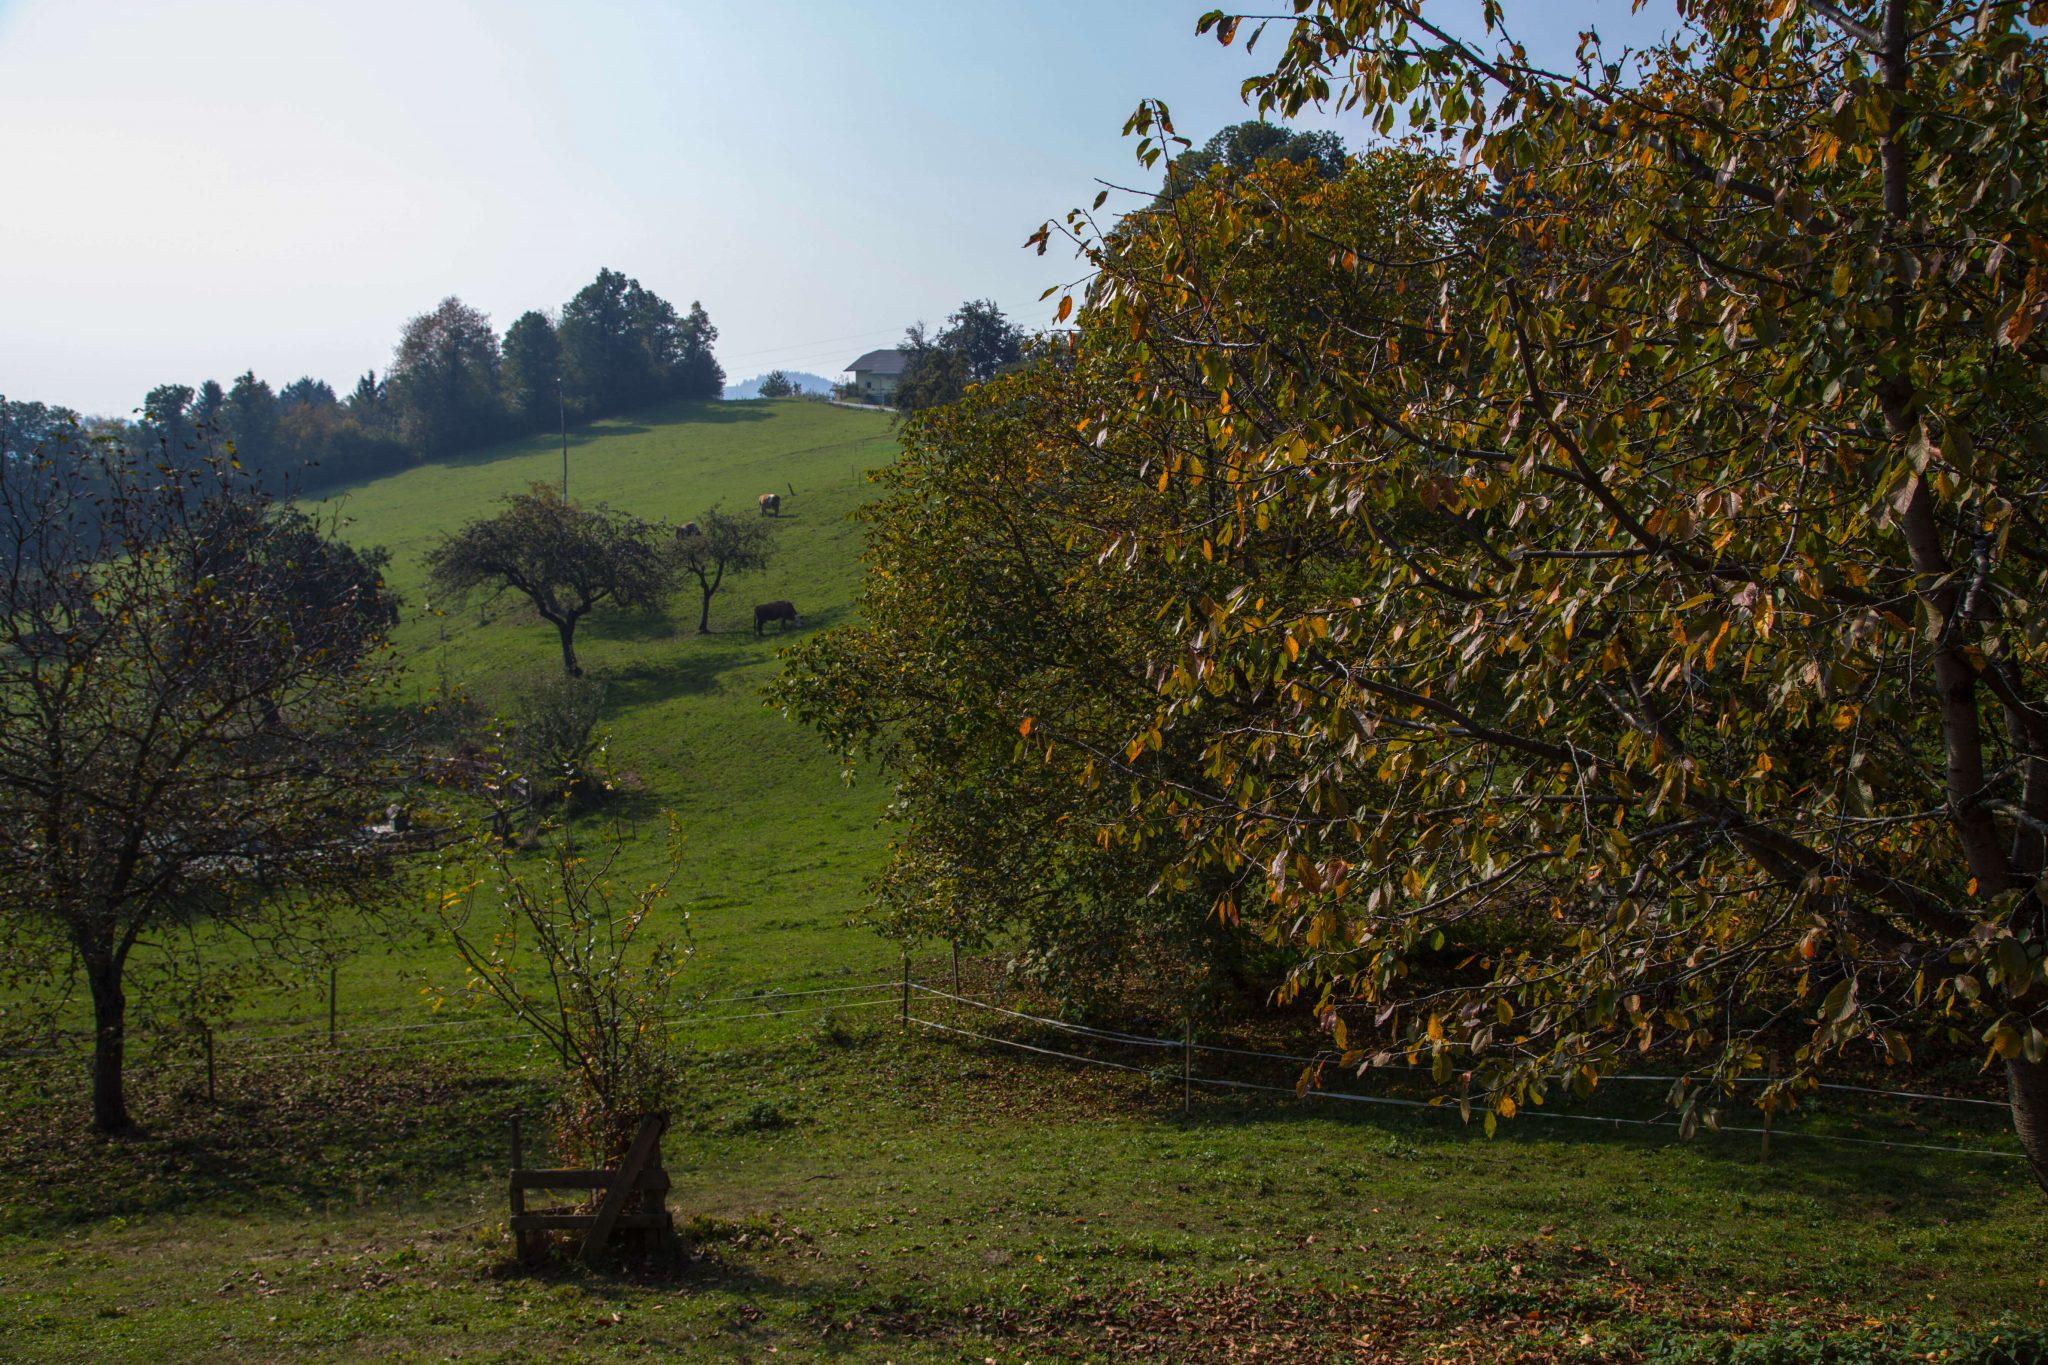 Urlaub am Bauernhof in Slowenien, Bauernhof Kovacnik, Familie Stern, Planica, Fram, Race, Wandertipps, Radfahren, Pohorje, Frühstück, Restaurant, Foto Anita Arneitz, Reiseblog www.anitaaufreisen.at